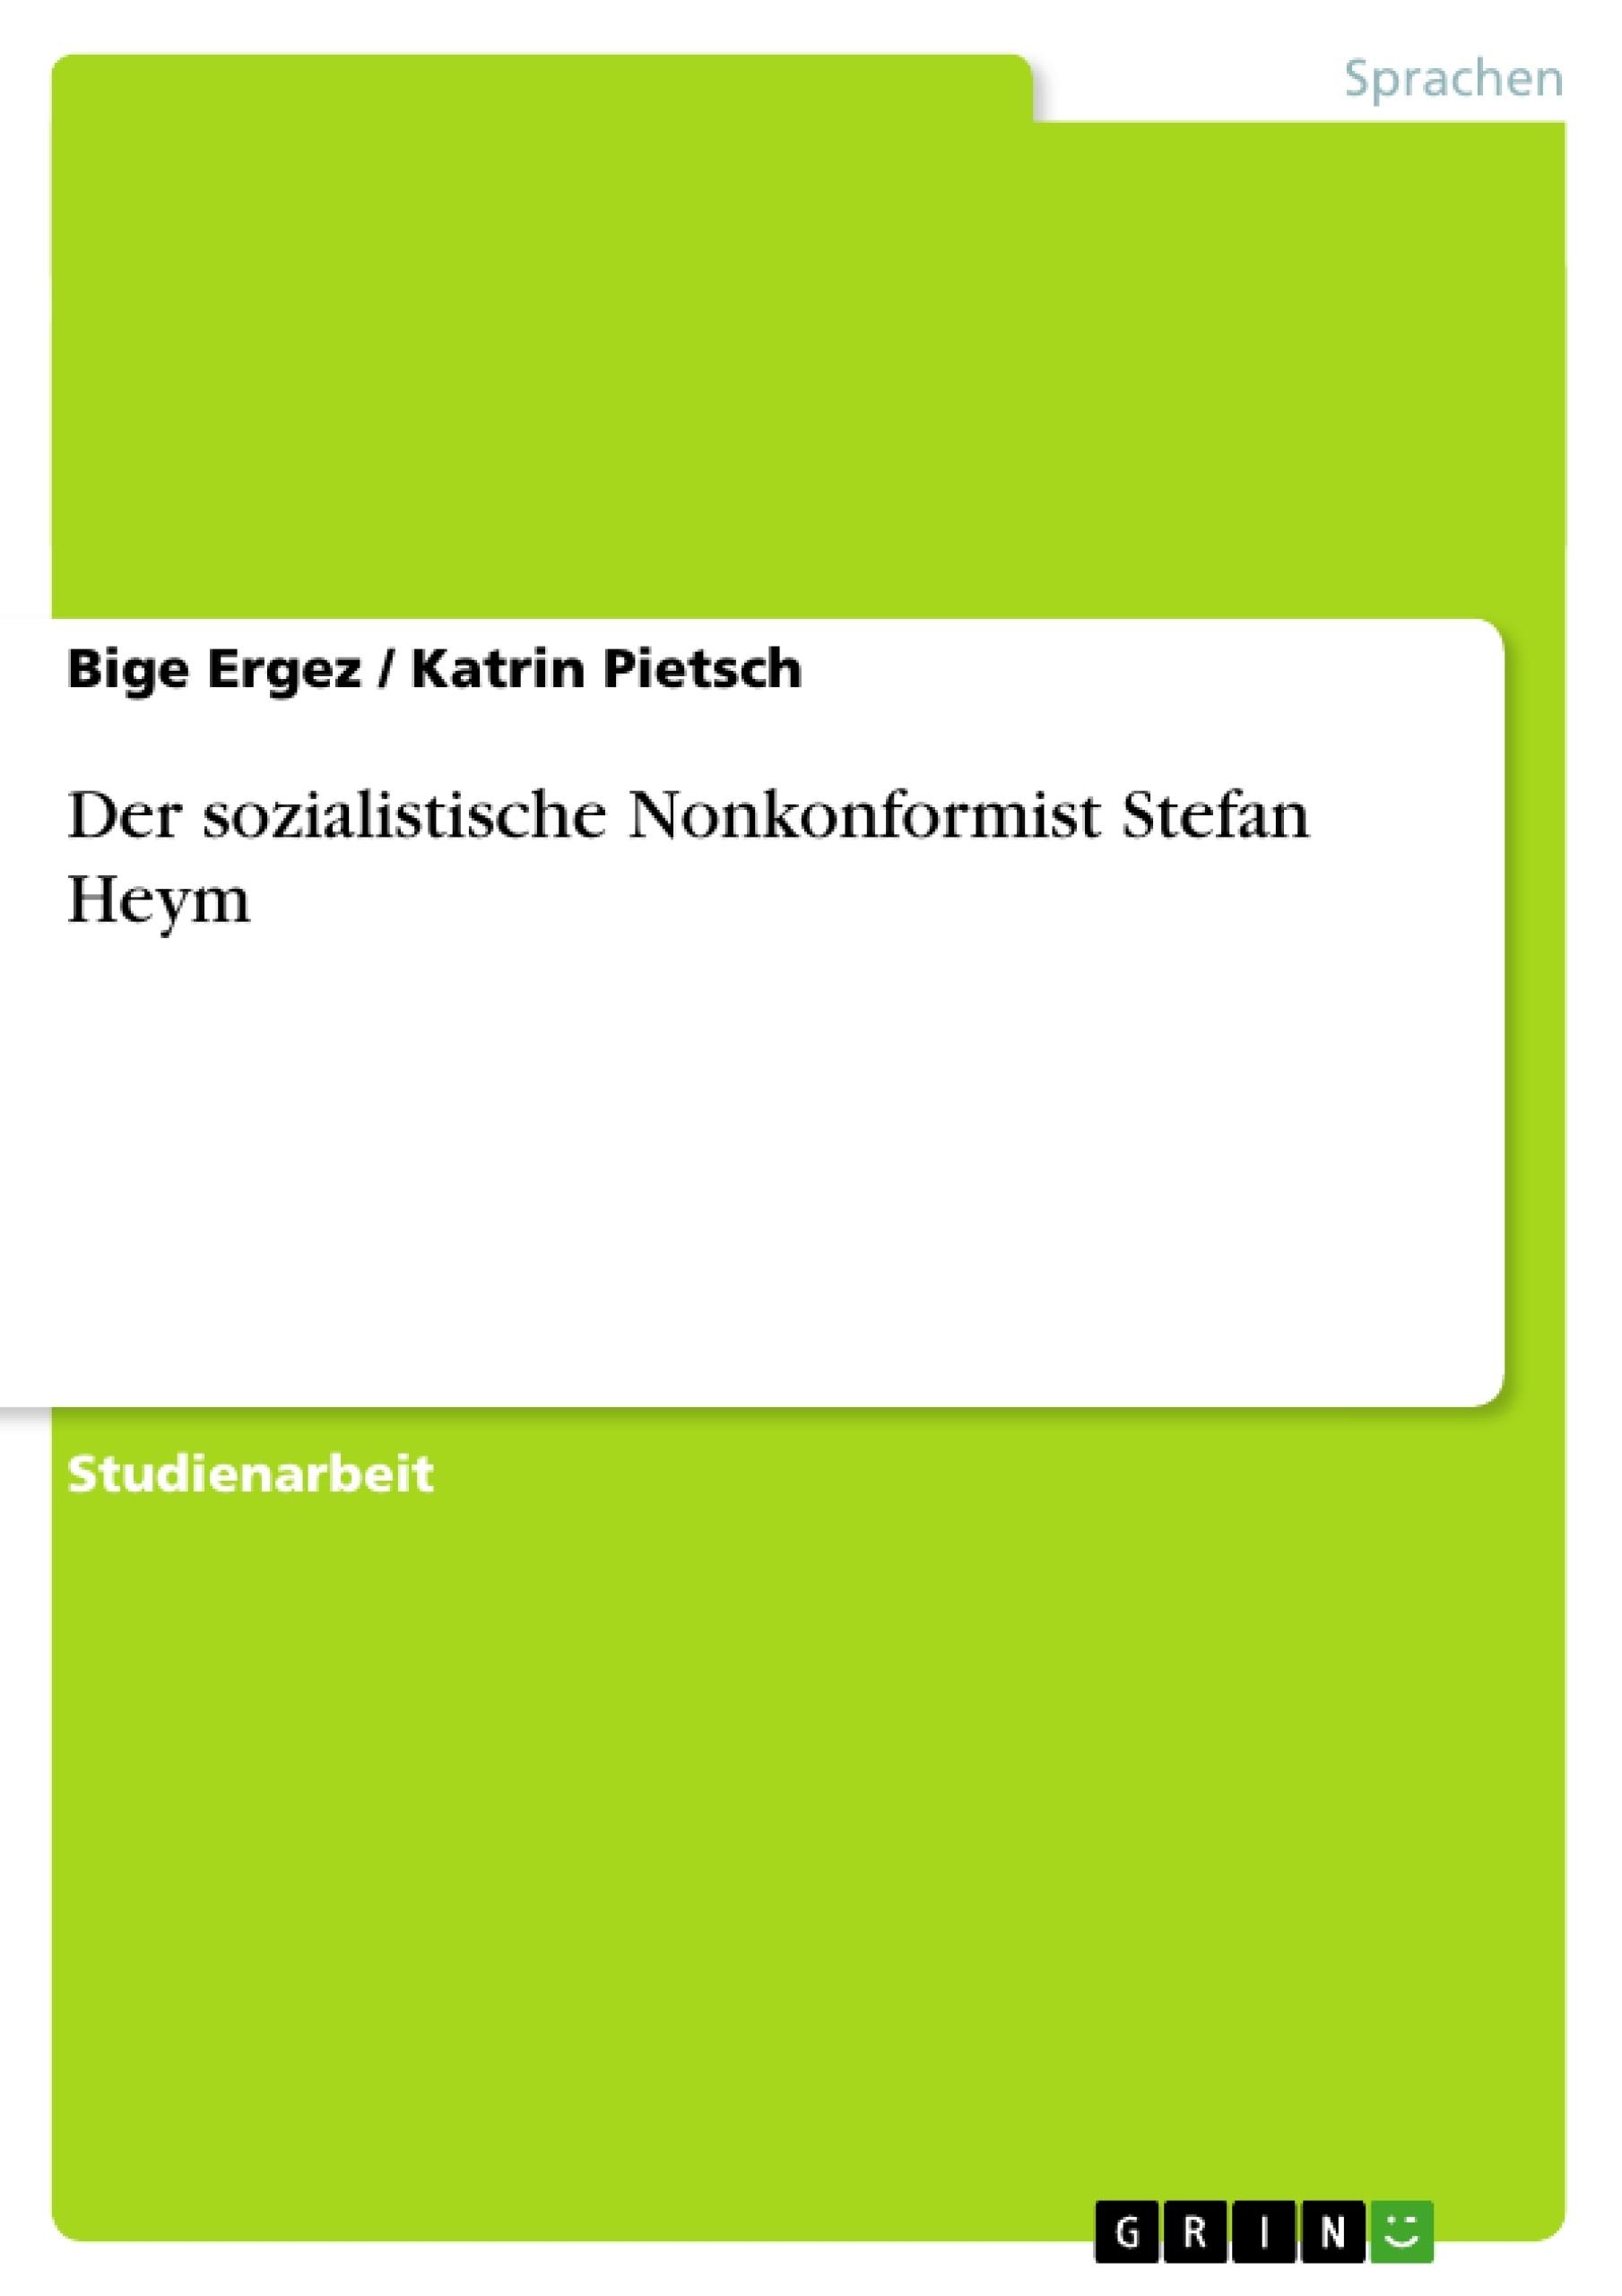 Titel: Der sozialistische Nonkonformist Stefan Heym